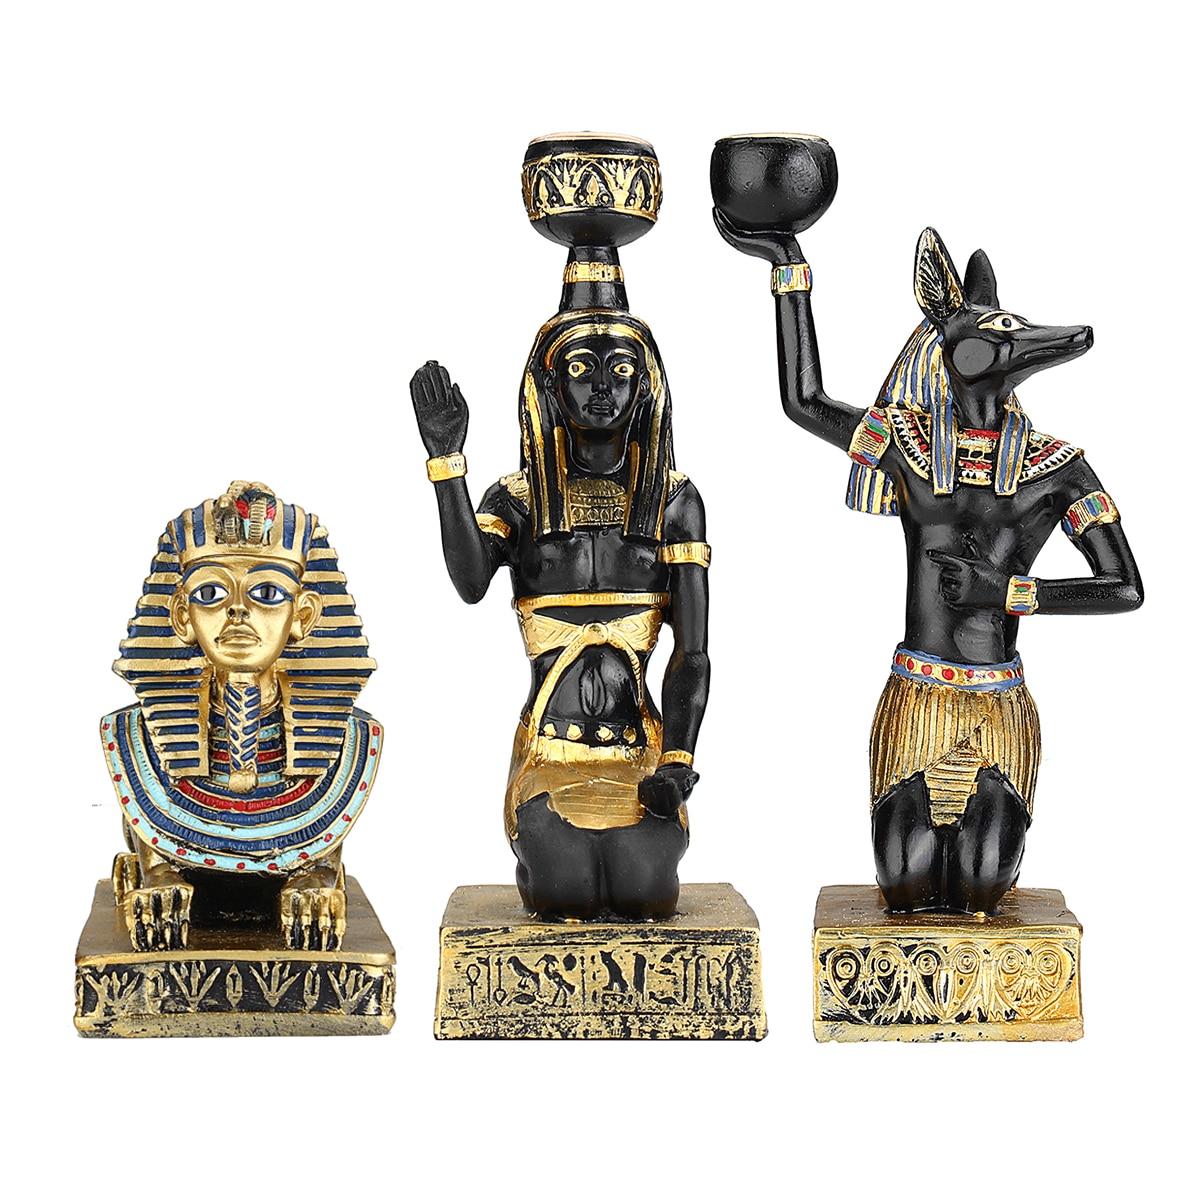 Résine Figurines bougeoir rétro antique déesse égyptienne Sphinx Anubis forme chandelier artisanat maison ornements décoratifs